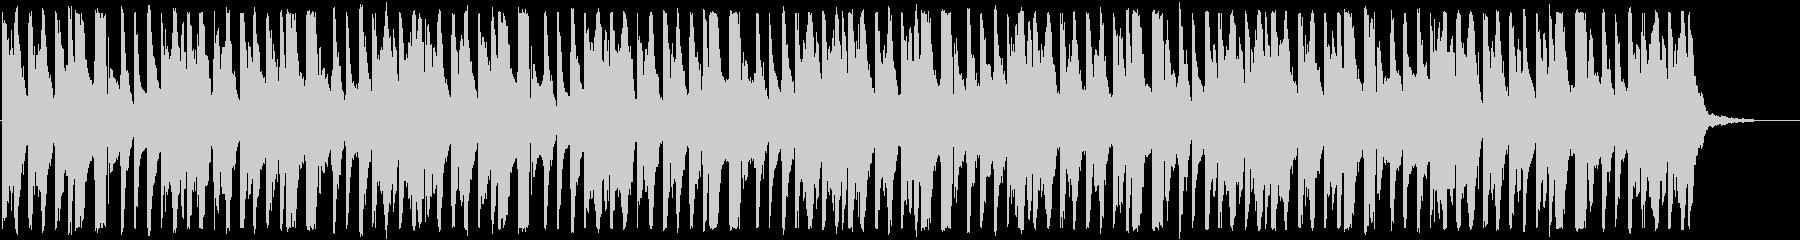 ピコピコ/テクノ_No486_5の未再生の波形